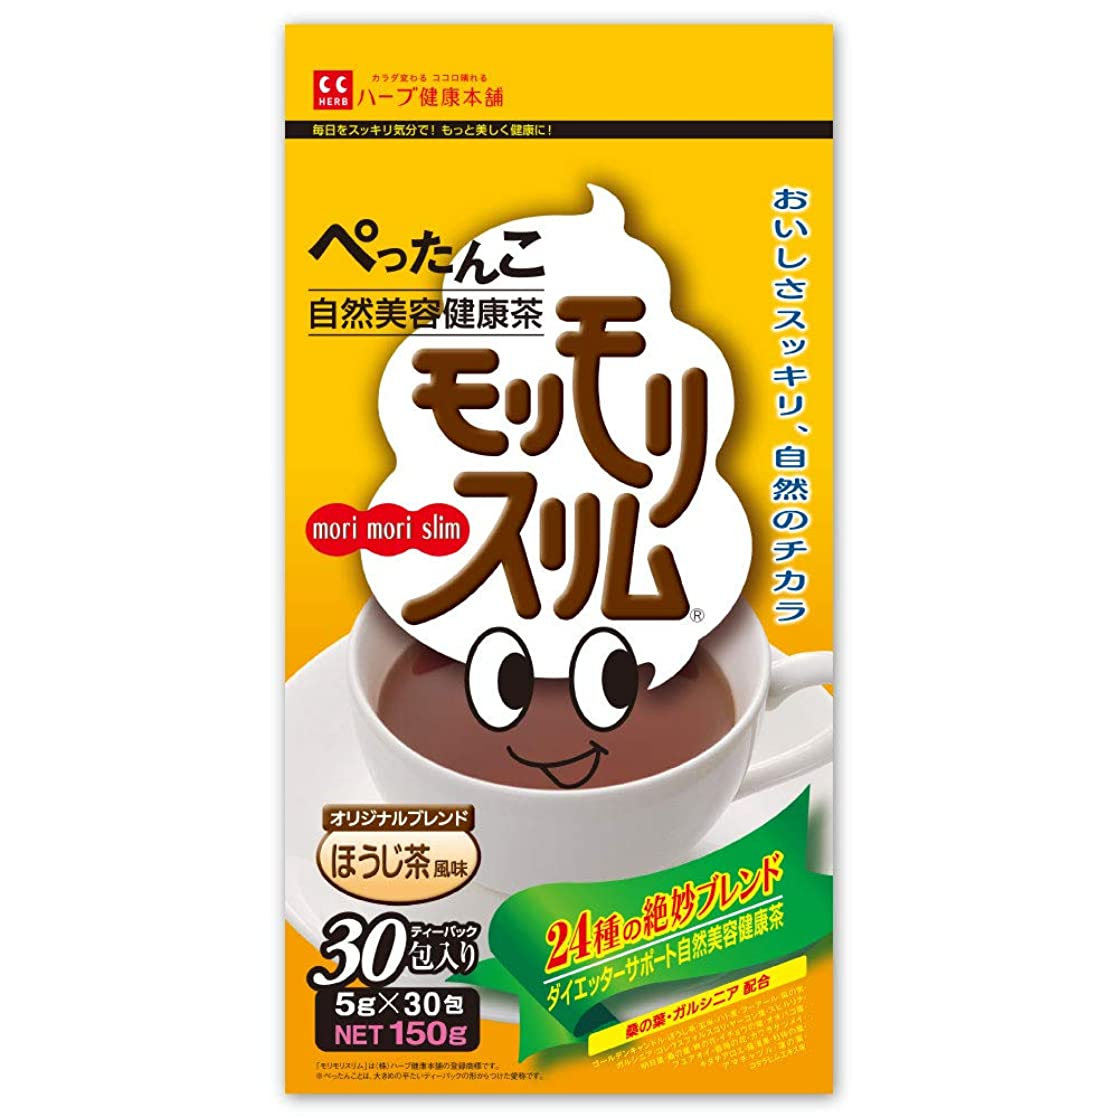 インフルエンザ運命許すハーブ健康本舗 モリモリスリム(ほうじ茶風味) (30包)